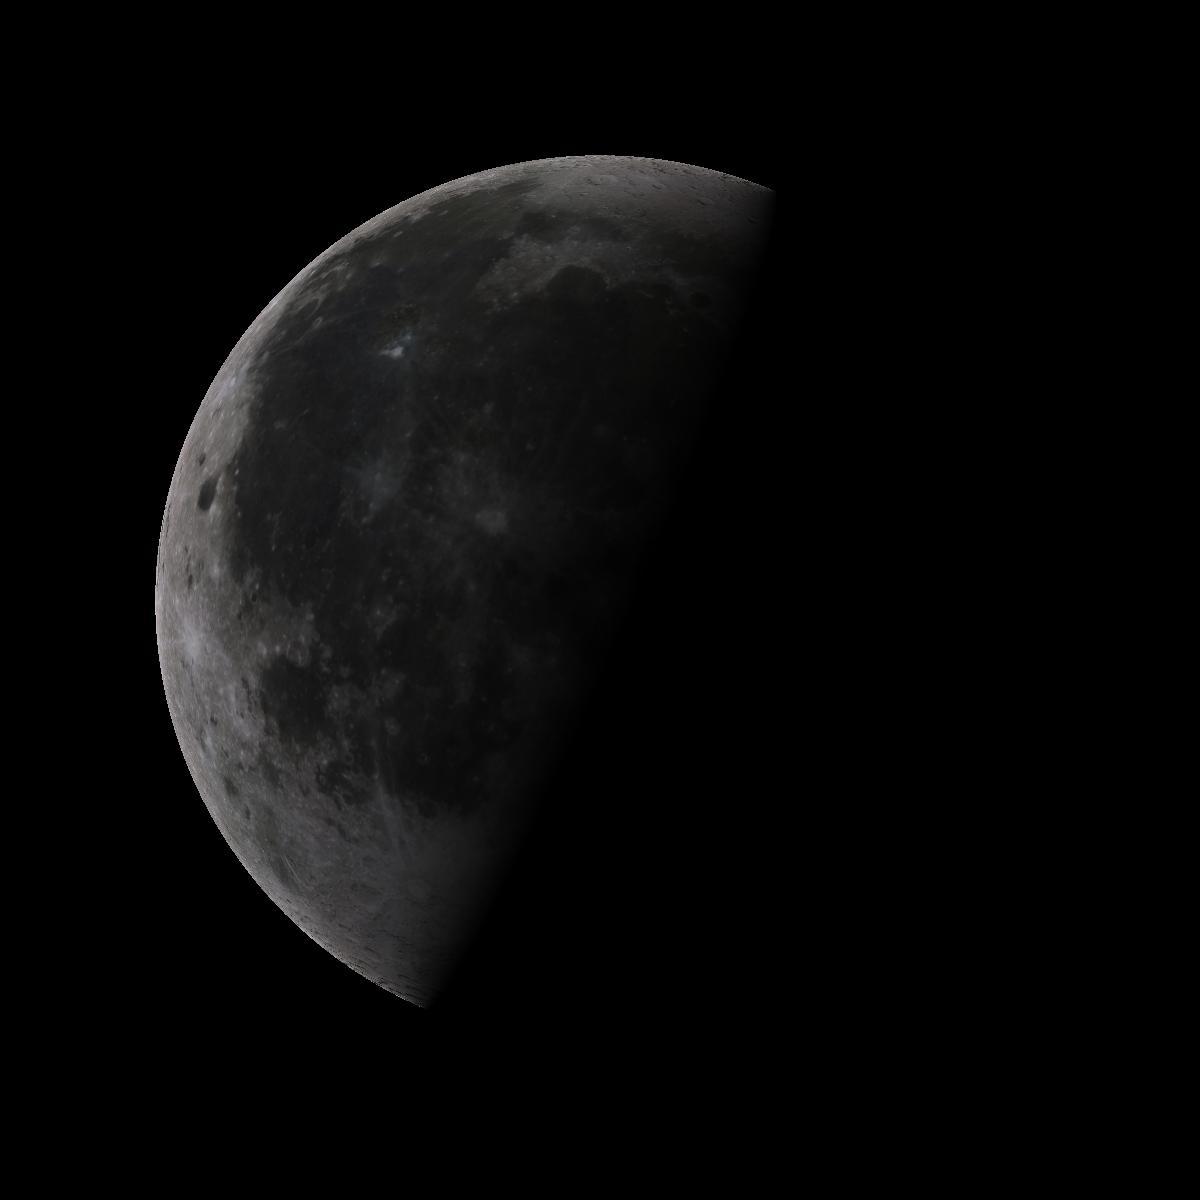 Lune du 25 juin 2019